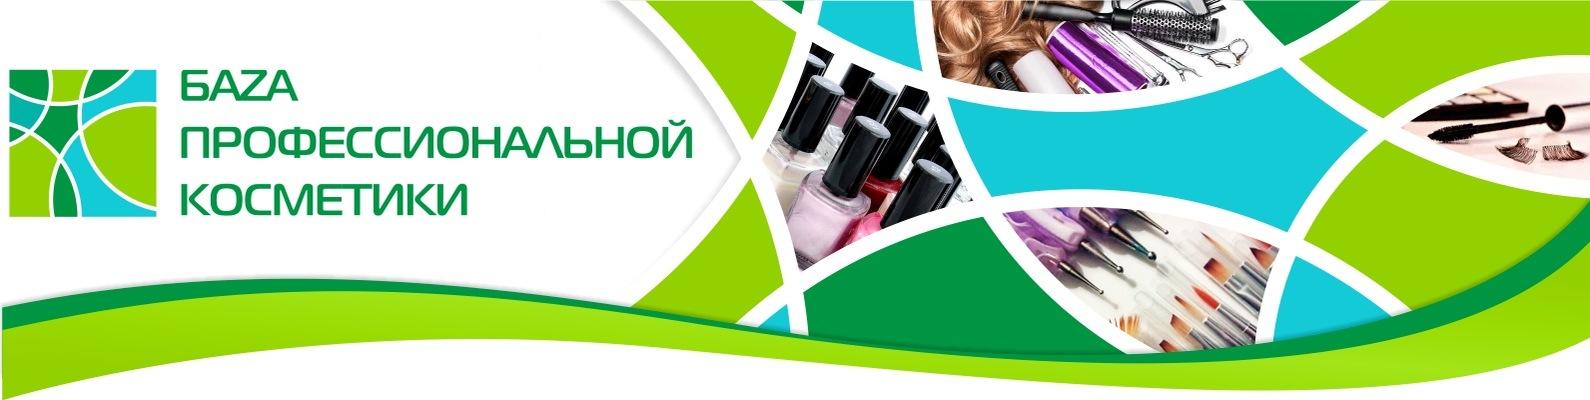 магазин база профессиональной косметики н новгород